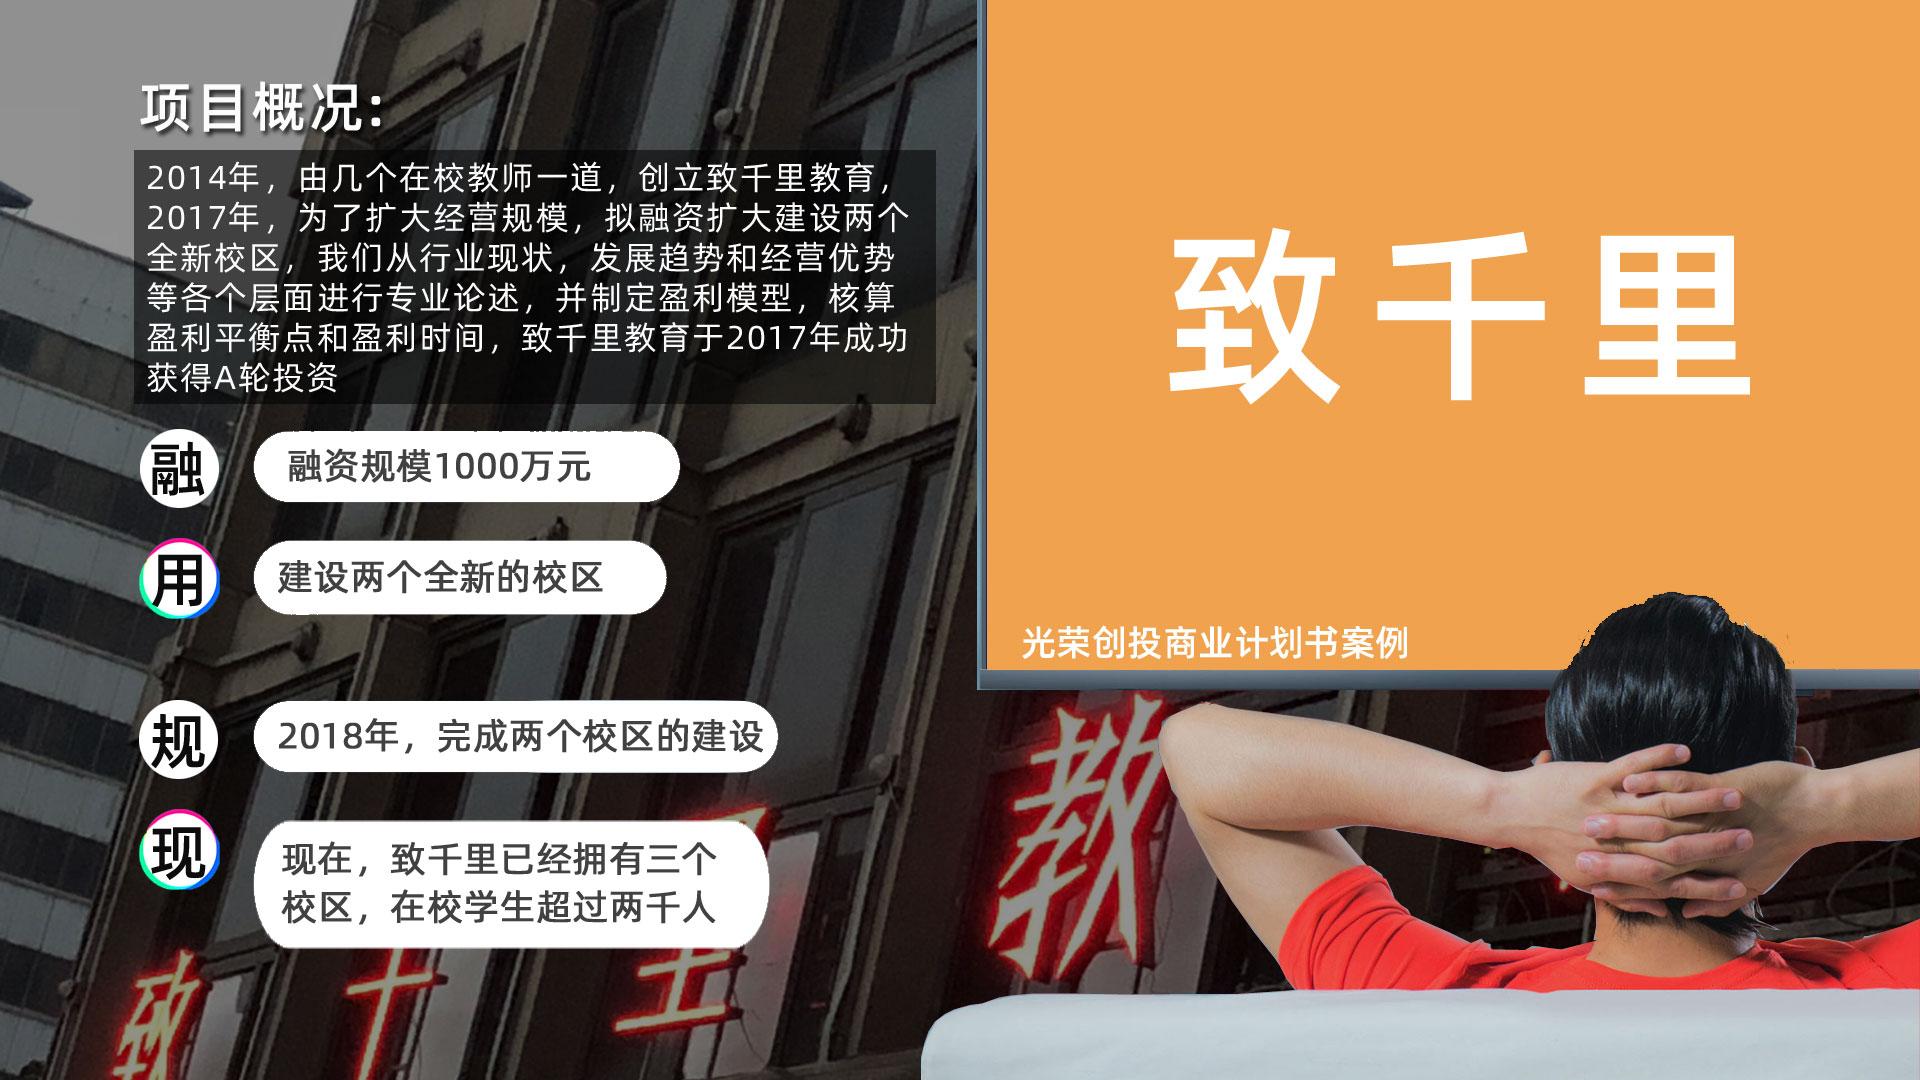 商业计划书融资PPT招商项目路演可行性研究报告代写作光荣文创